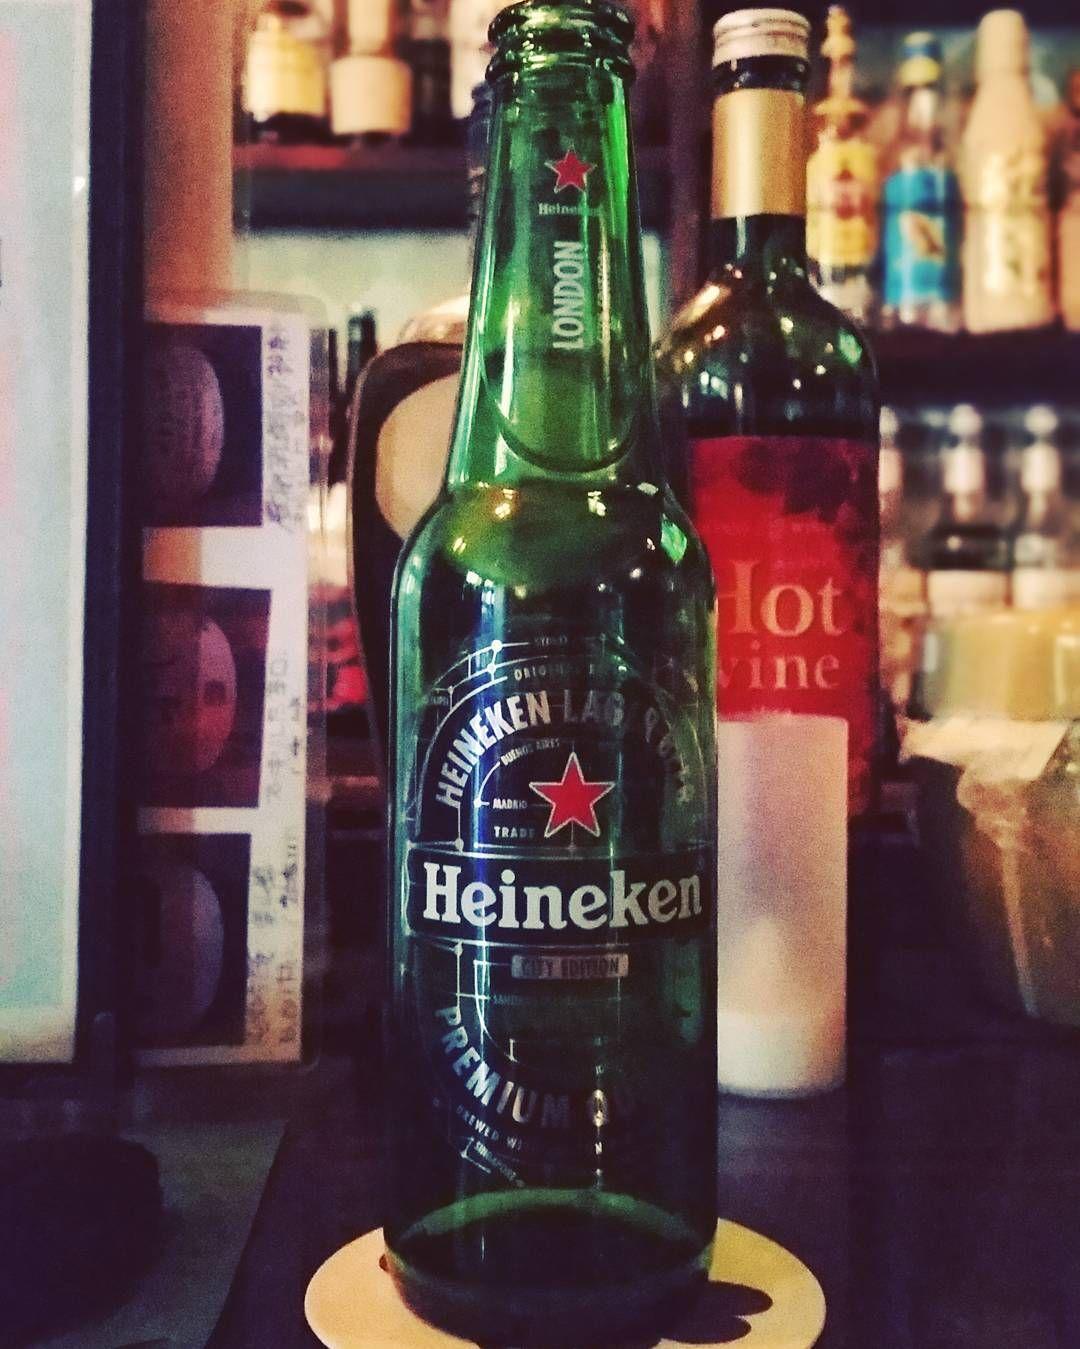 夏の終わりにグッと #heineken   instagram   Pinterest   Heineken